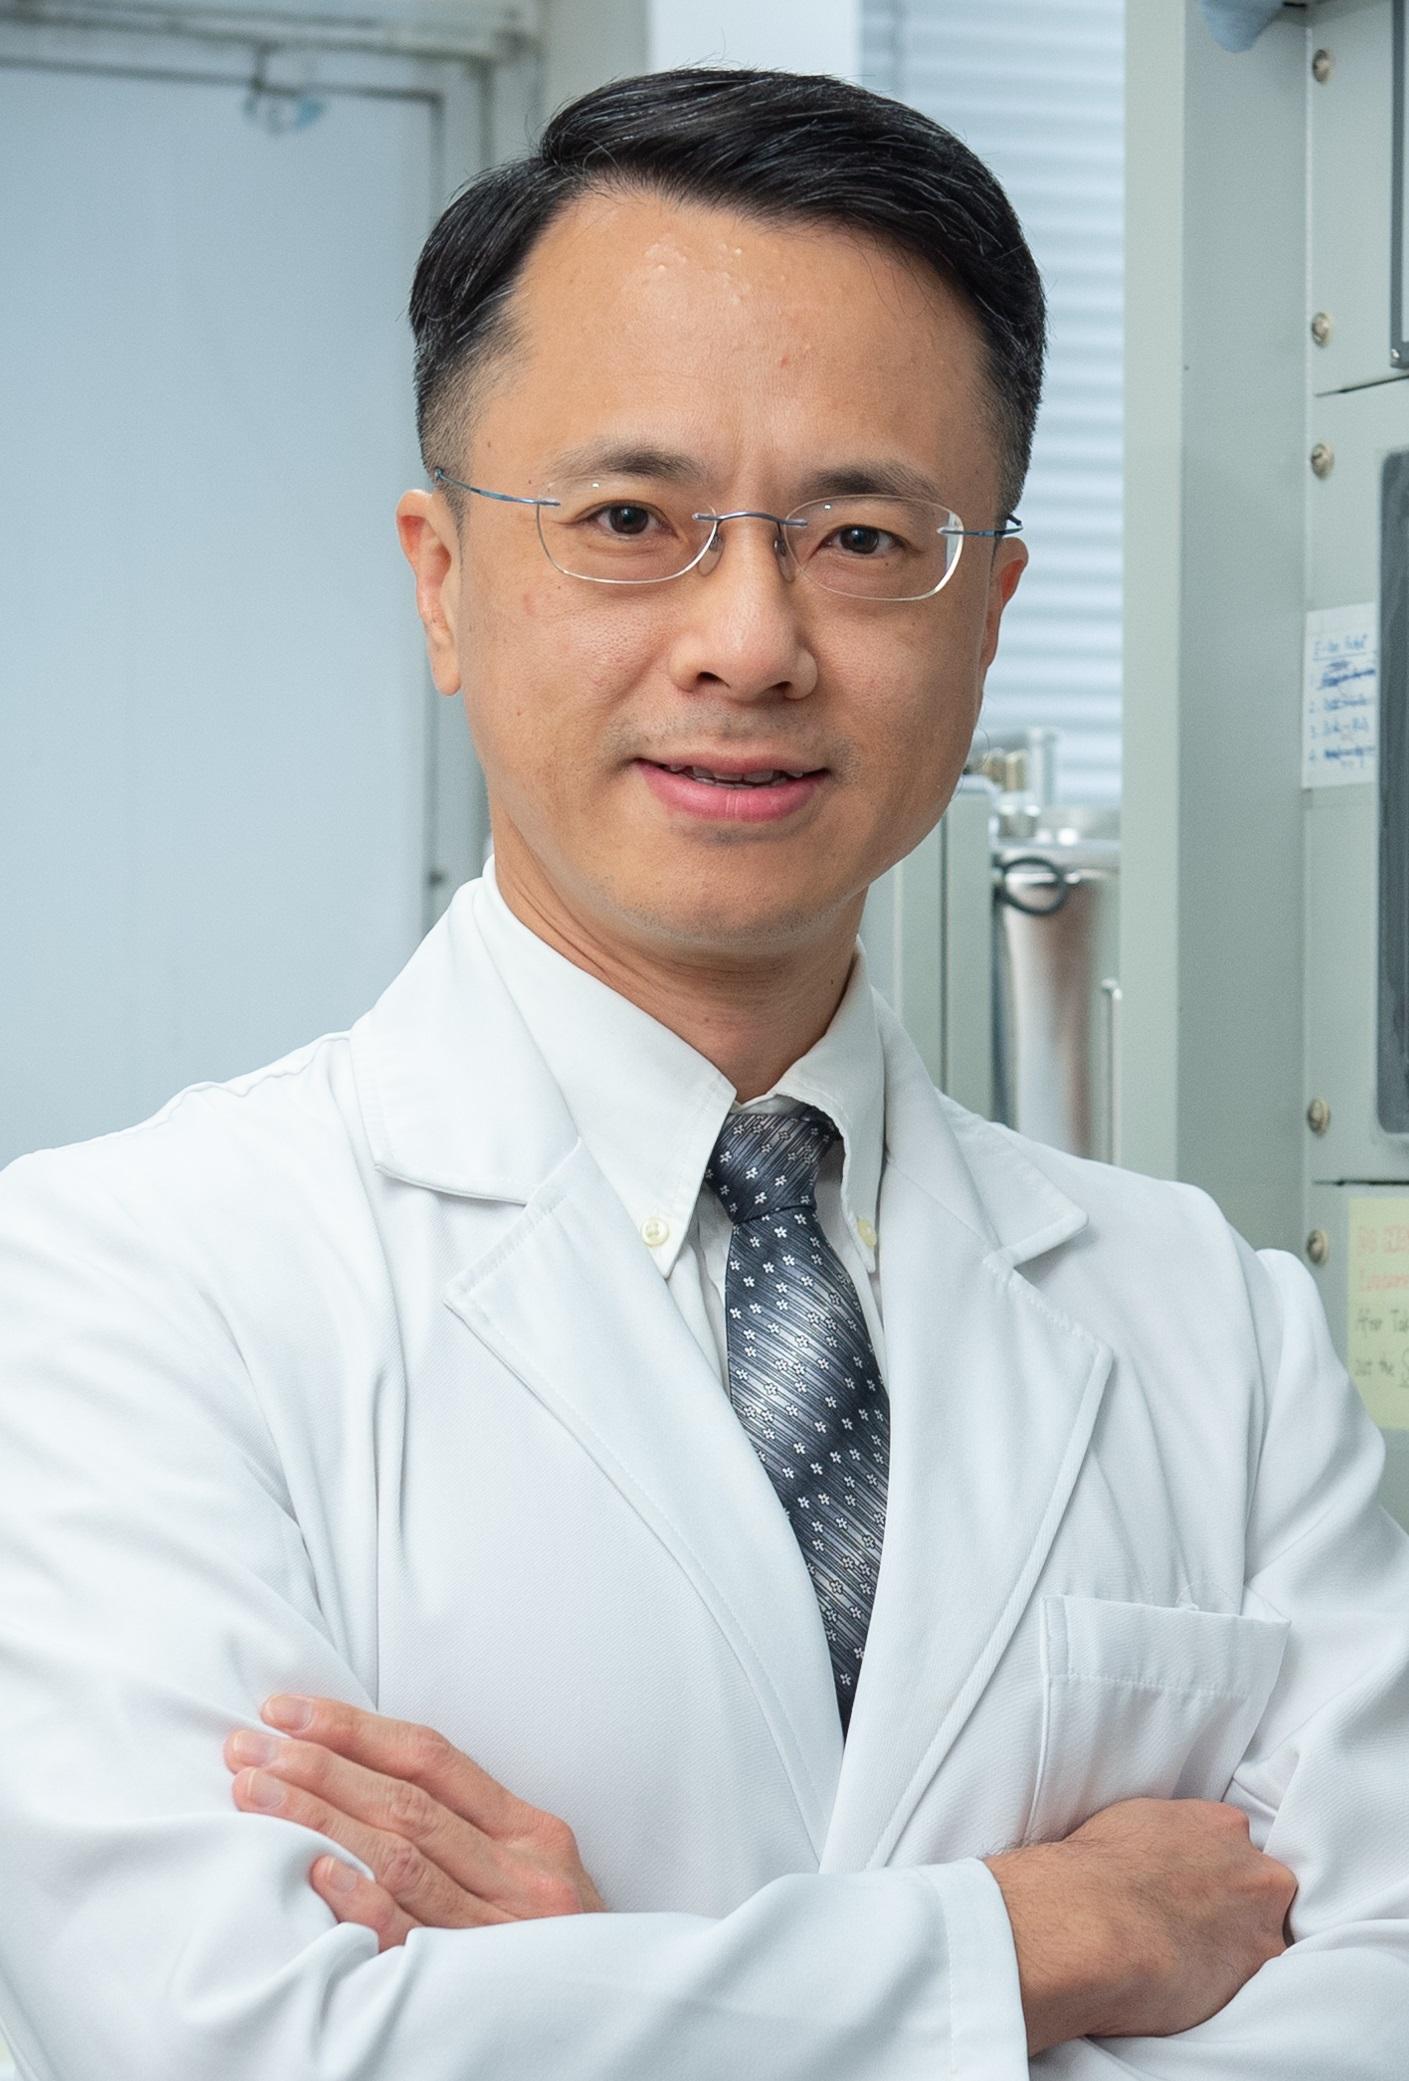 Zhifeng Huang